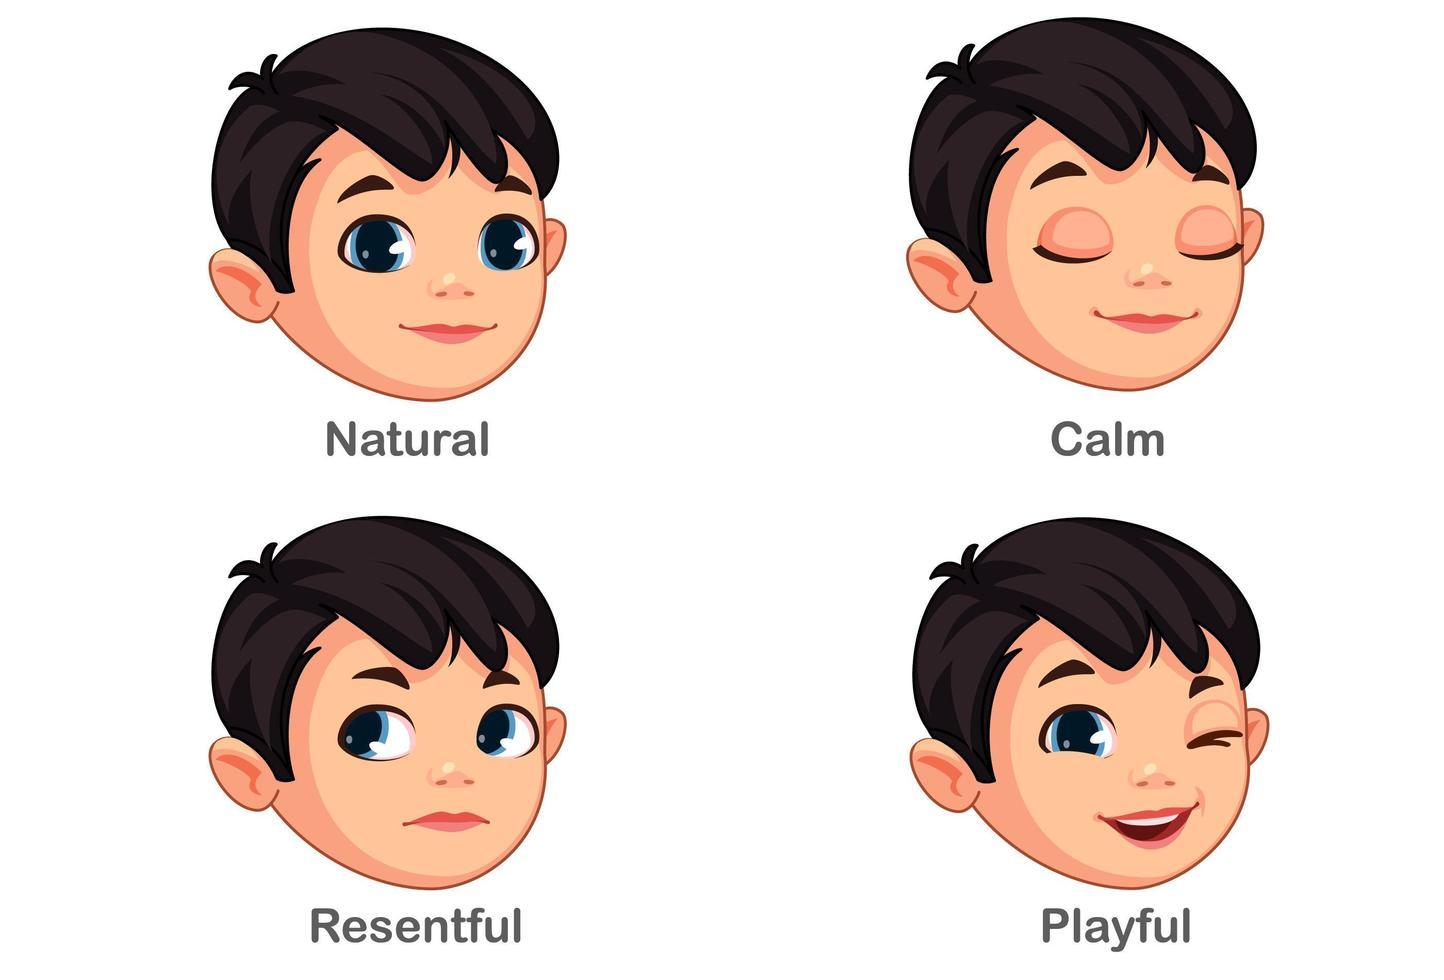 Junge mit unterschiedlichen Gesichtsausdrücken Teil 1 vektor